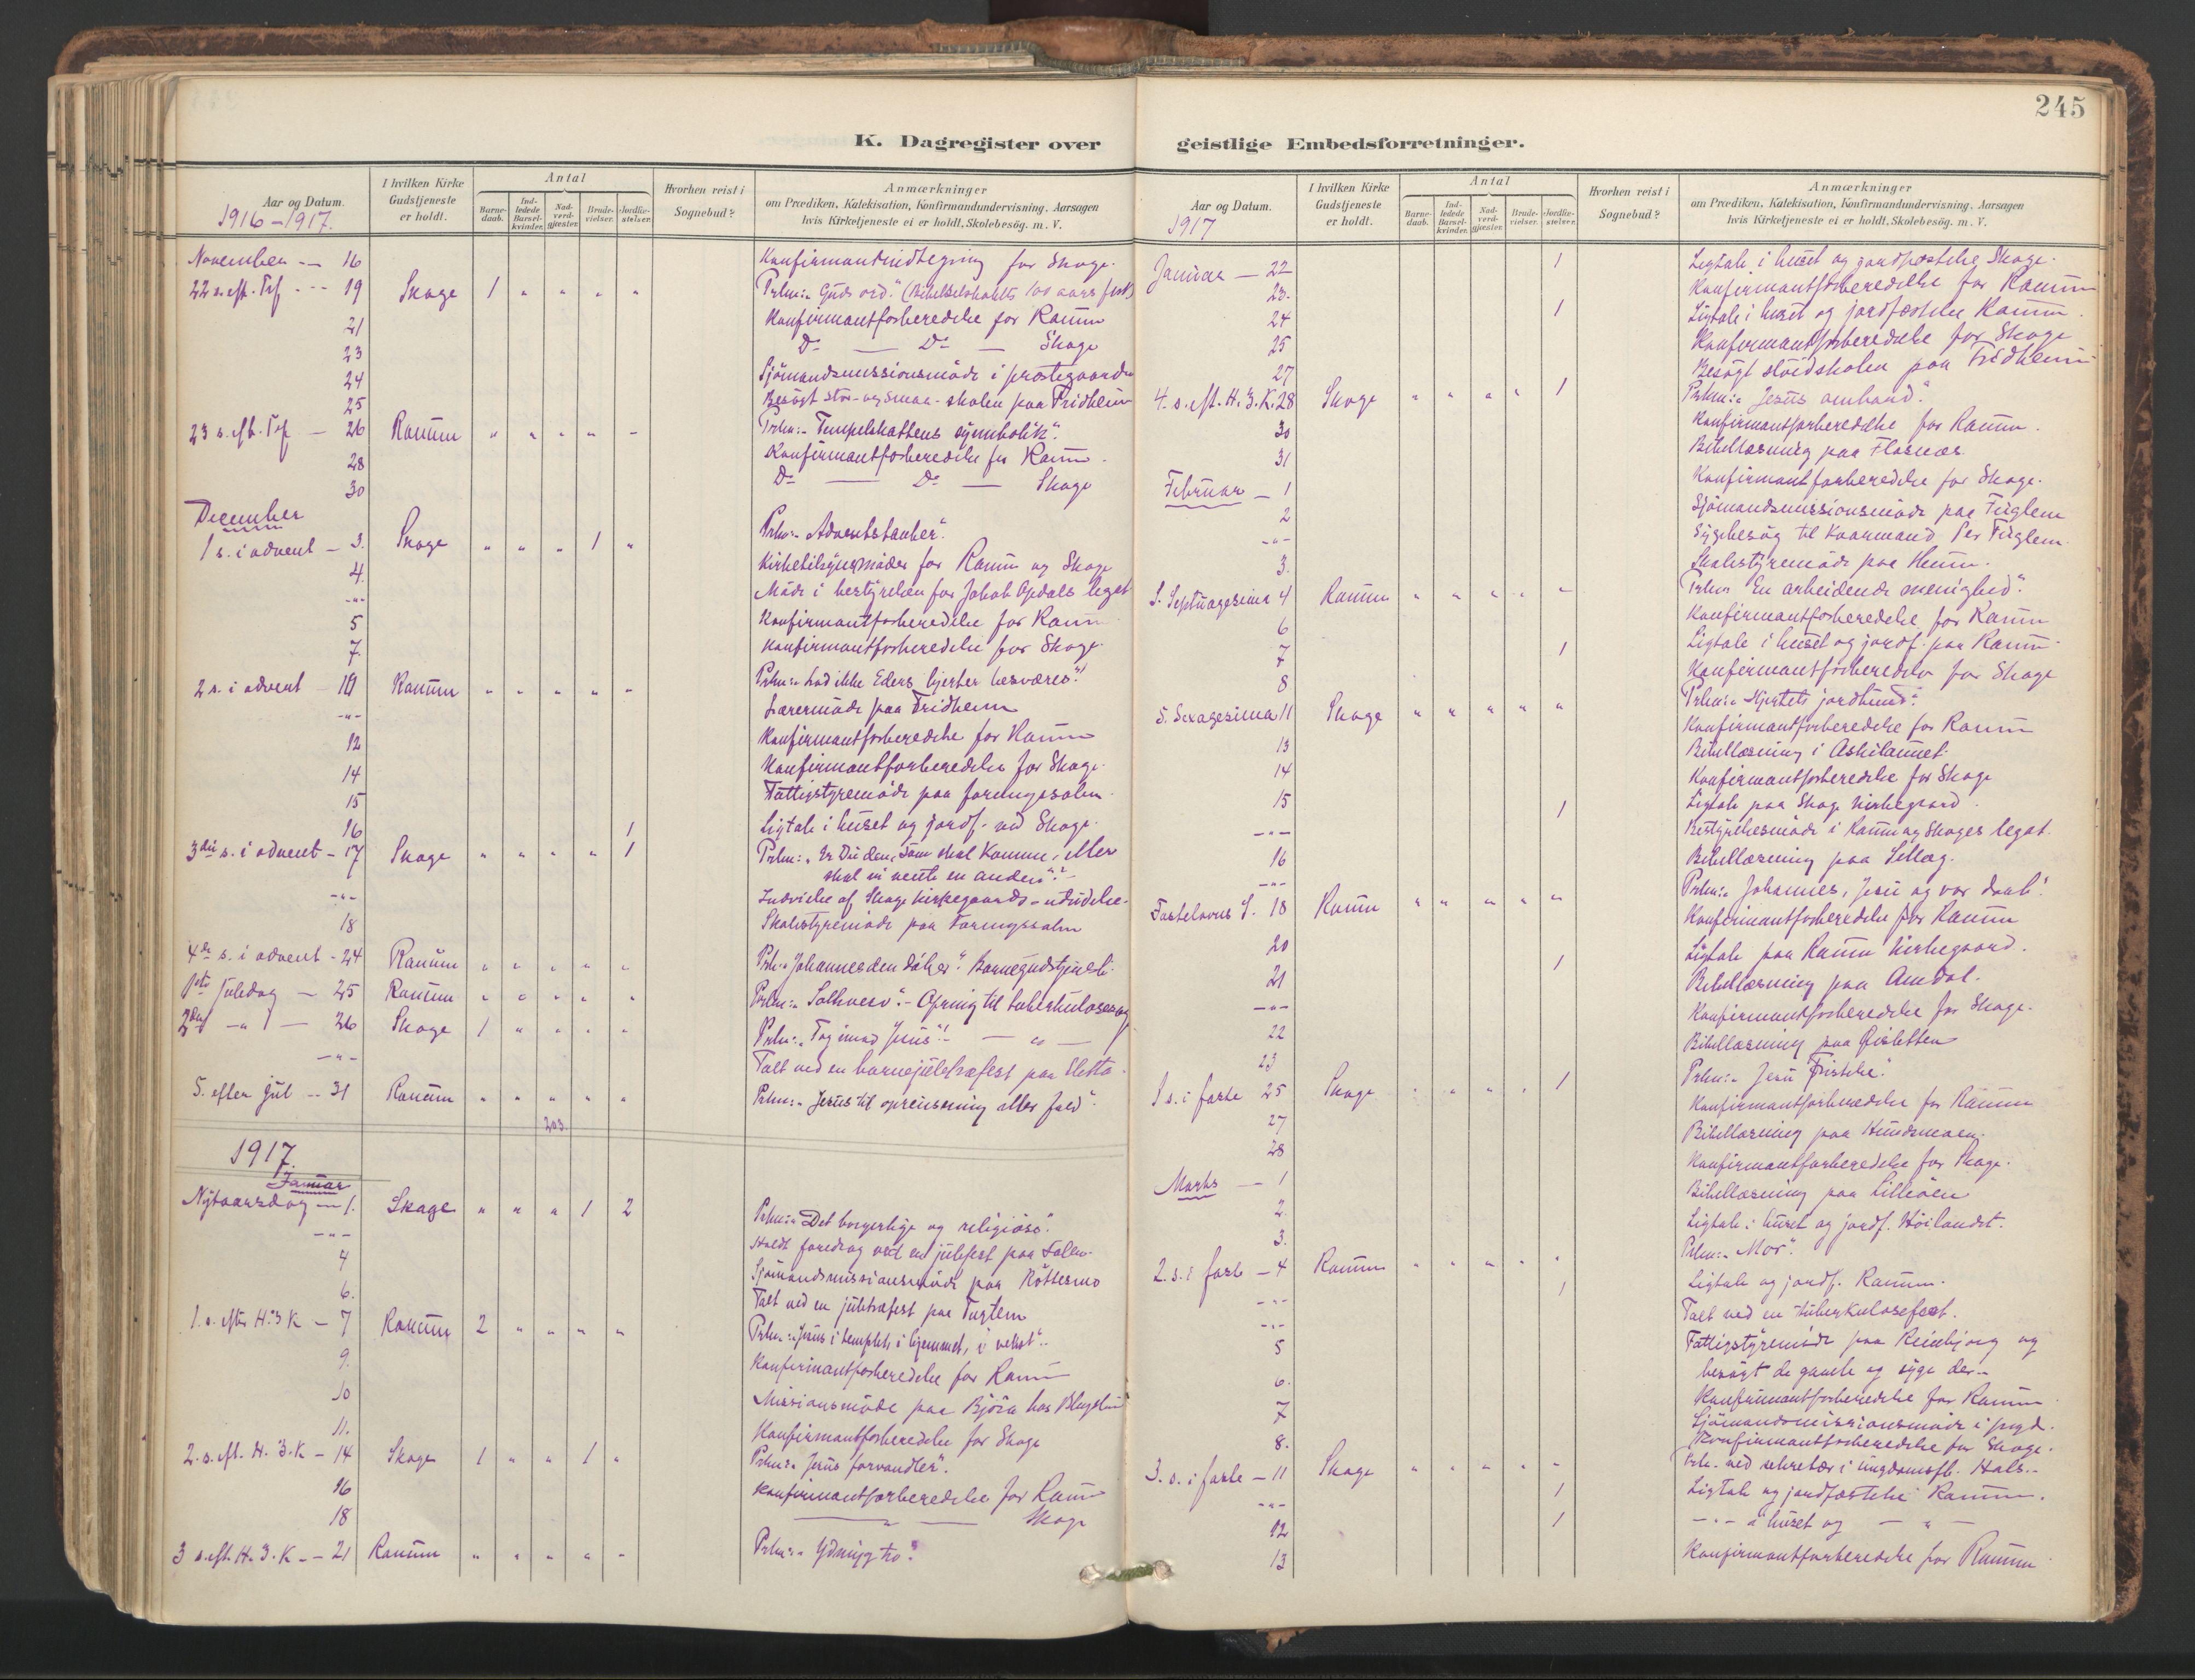 SAT, Ministerialprotokoller, klokkerbøker og fødselsregistre - Nord-Trøndelag, 764/L0556: Ministerialbok nr. 764A11, 1897-1924, s. 245